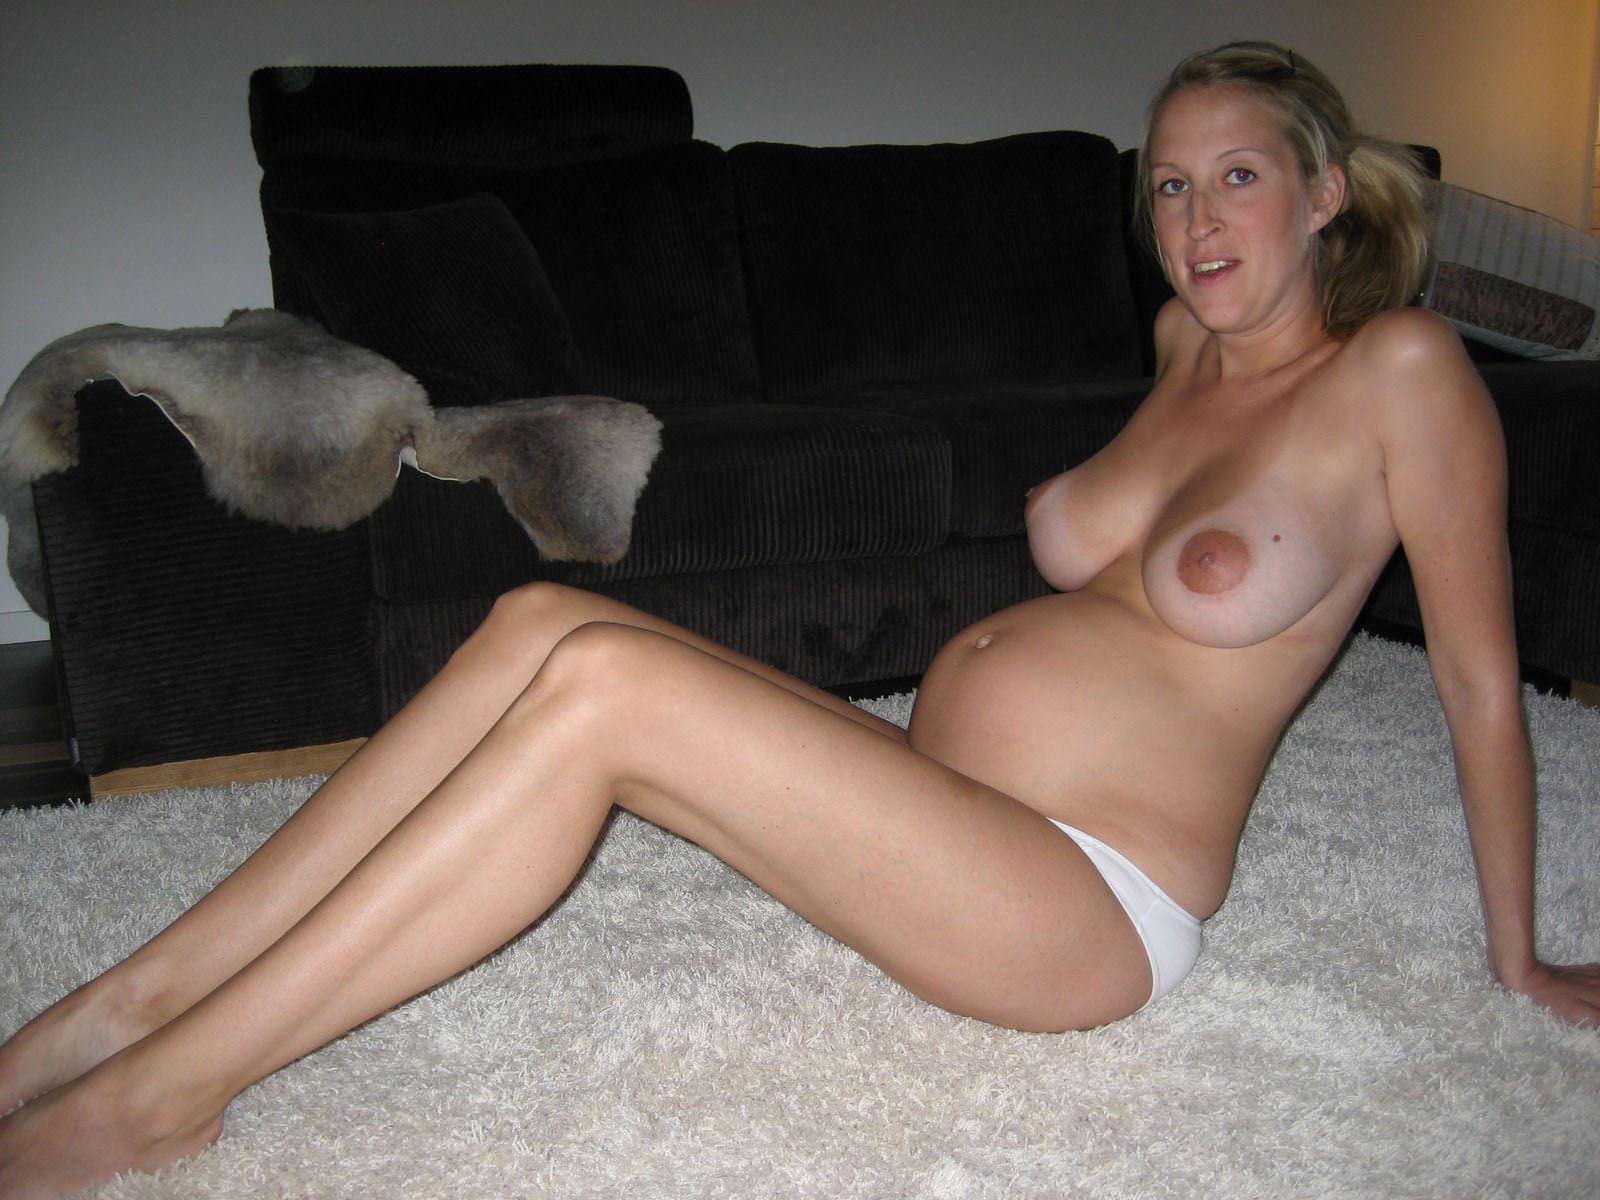 【外人】スウェーデンの金髪素人美女が彼氏とエッチして妊娠した姿を晒すポルノ画像 5129